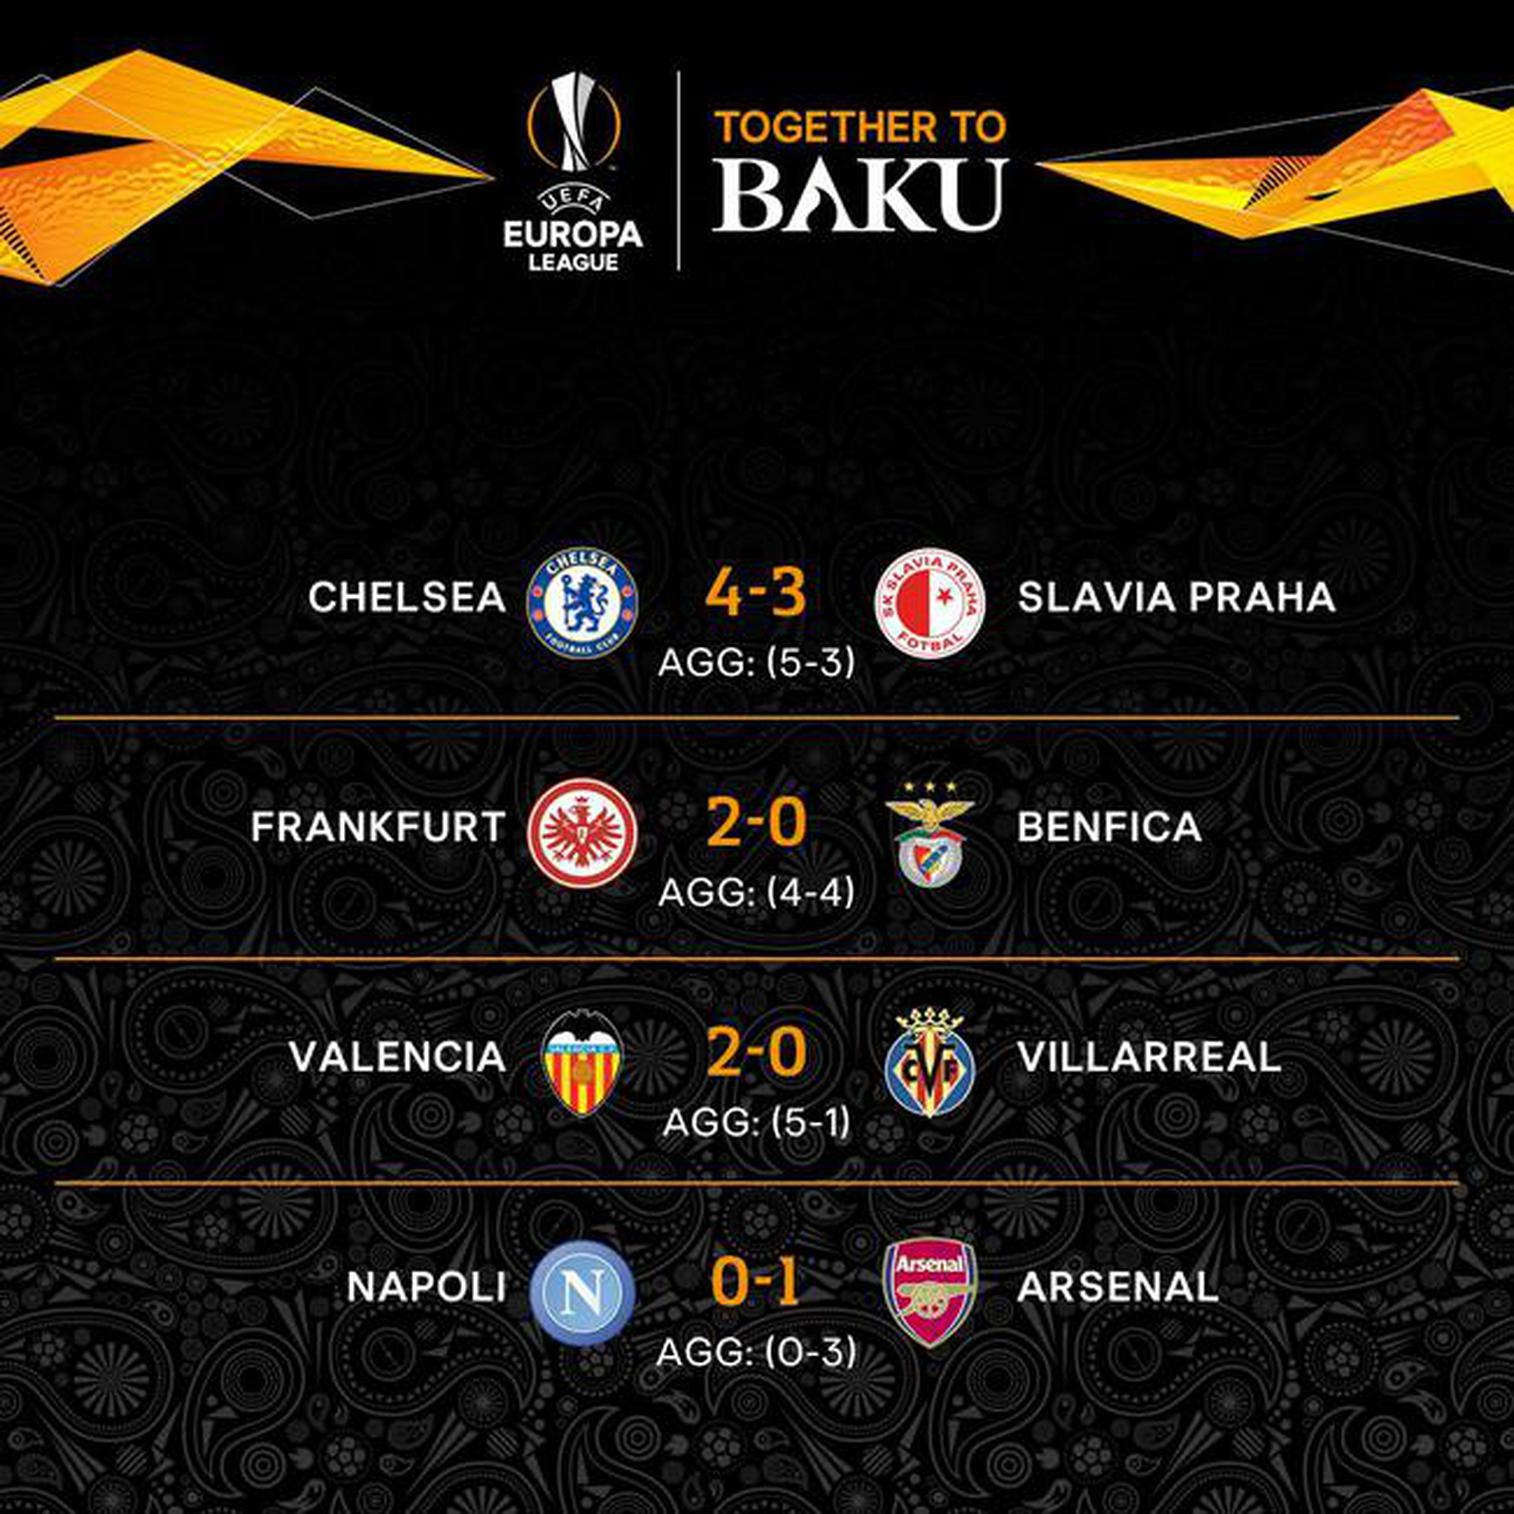 欧联杯四强对阵:切尔西VS法兰克福 阿森纳战瓦伦